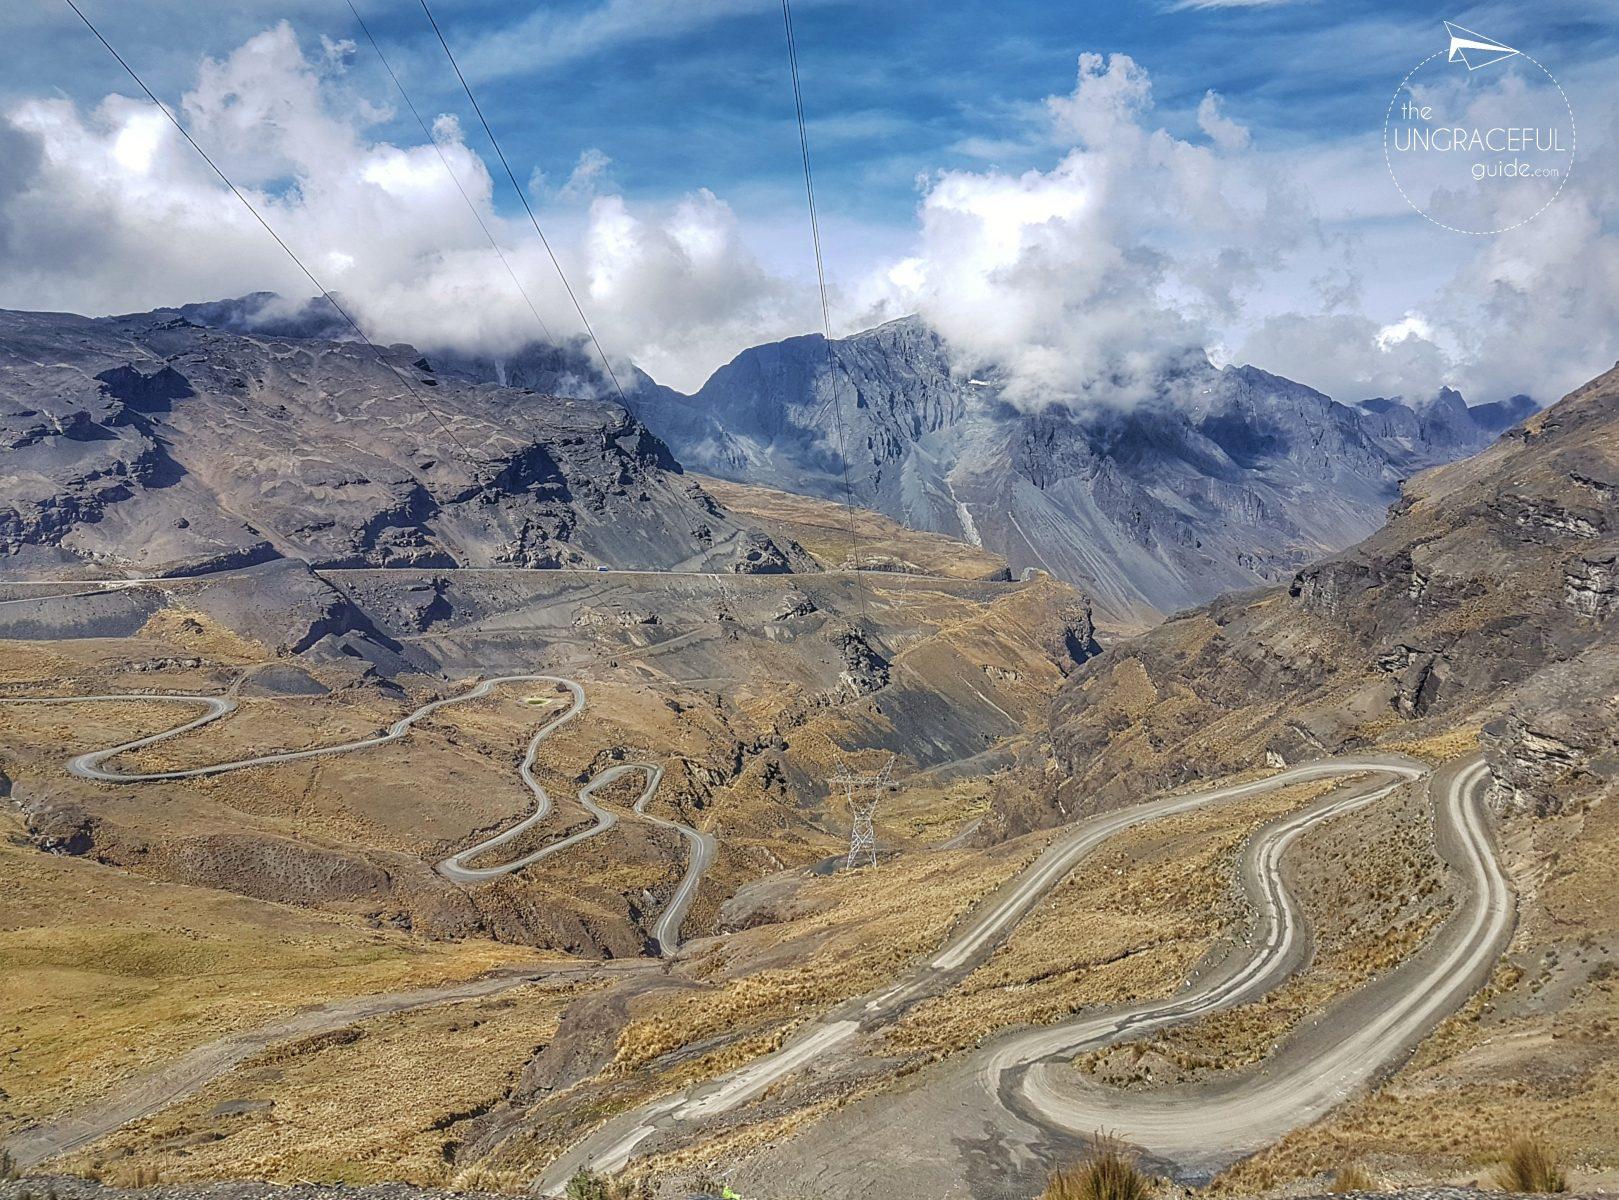 """<img src=""""data:image/gif;base64,R0lGODdhAQABAPAAAP///wAAACwAAAAAAQABAEACAkQBADs="""" data-lazy-src=""""images/"""" width=""""800"""" height=""""600"""" alt=""""death road - 20171217 020631 1 - Bolivia: La Paz to Rurrenabaque via Death Road"""">"""